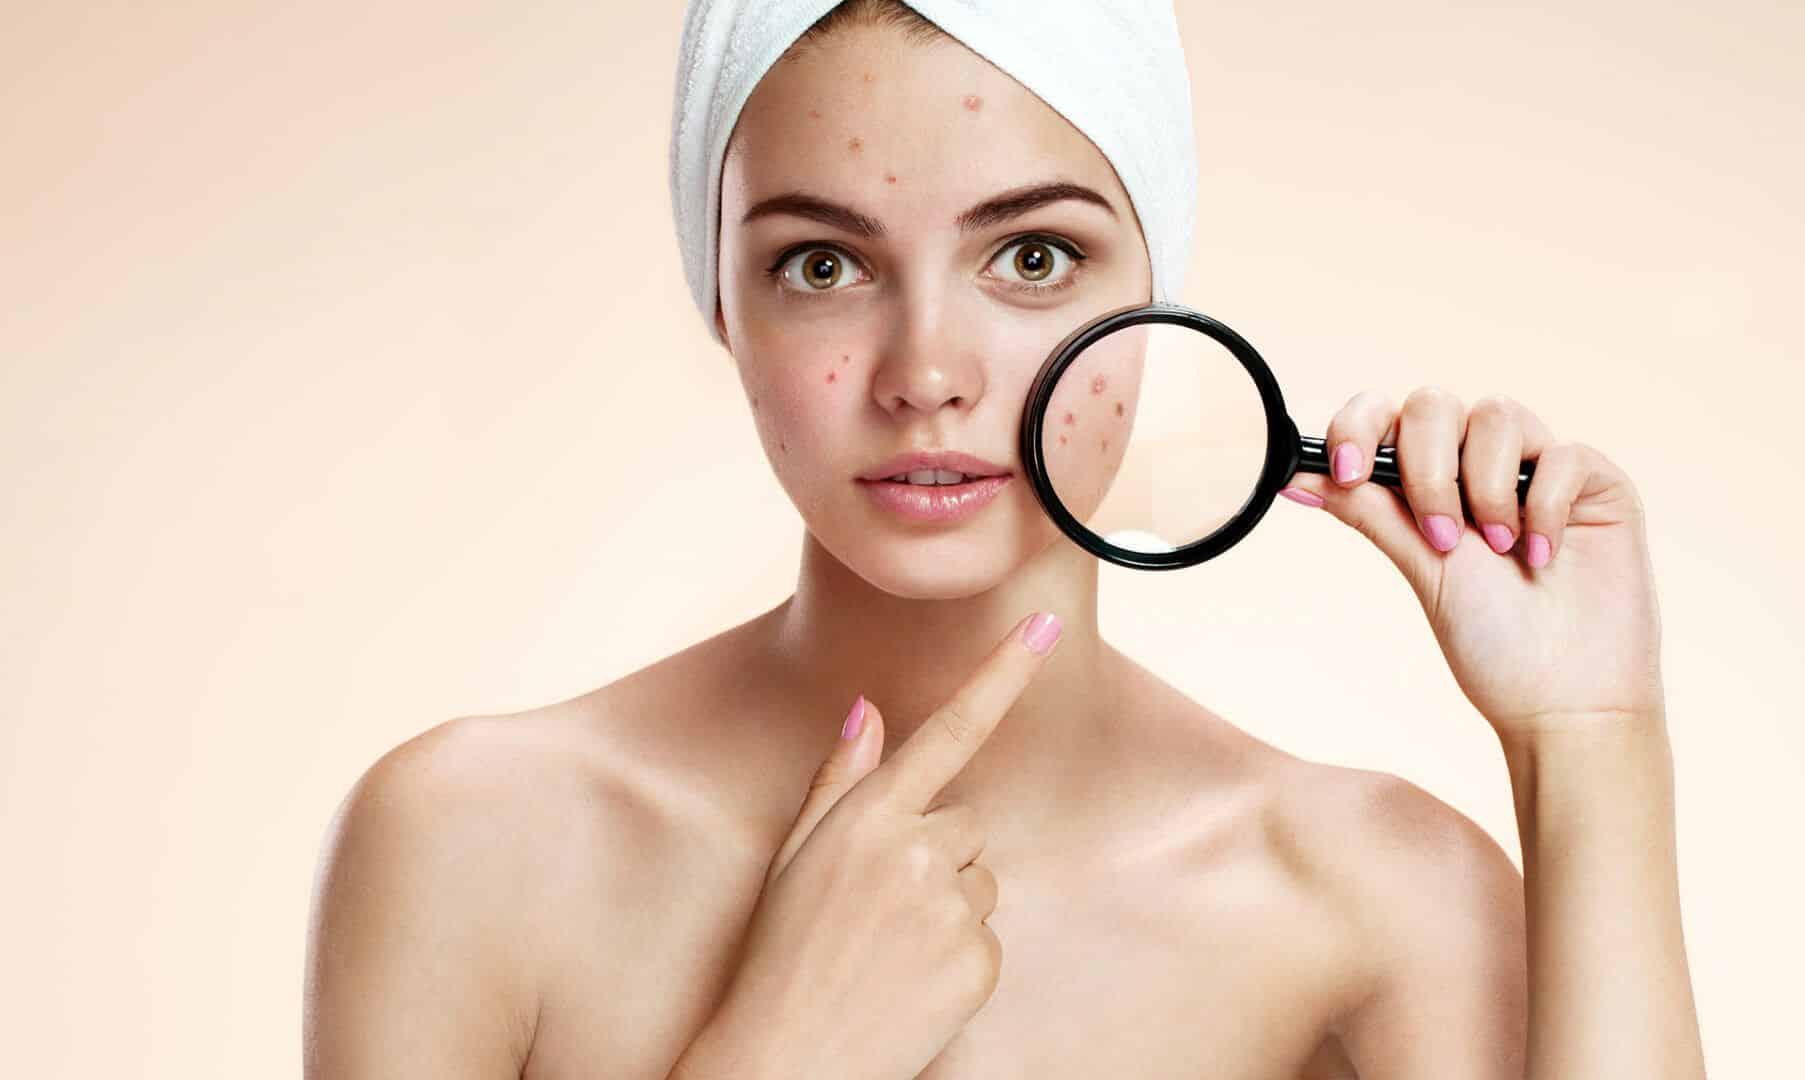 espinhas hormonais influencia dos hormonios sobre a pele 1 - Granos hormonales: influencia de las hormonas en la piel